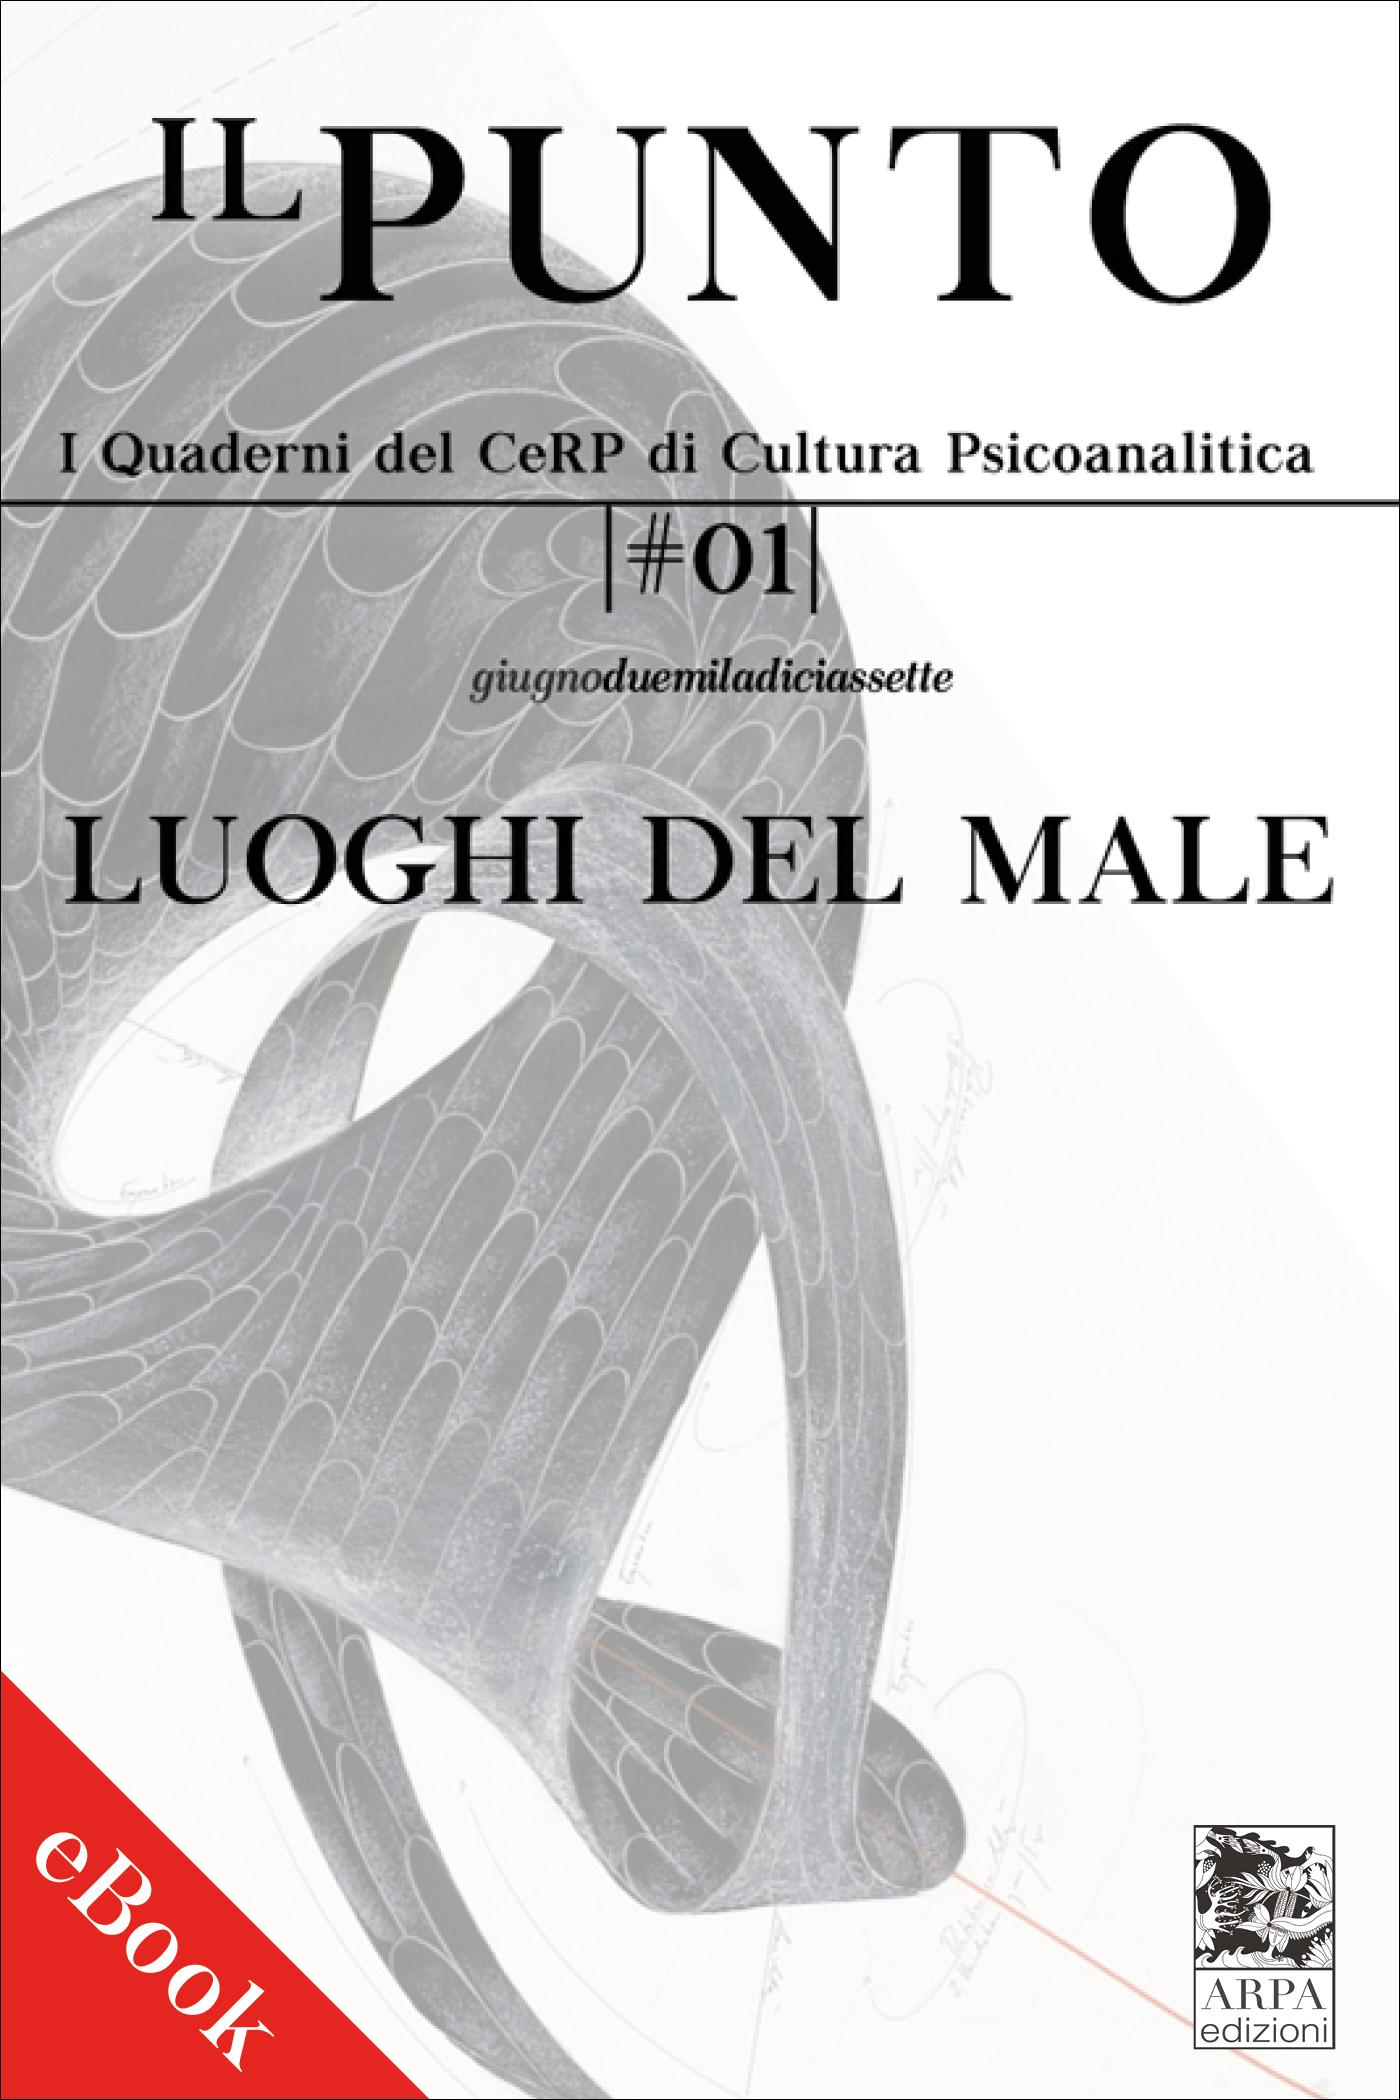 COVER_IL PUNTO_LUOGHI DEL MALE_ebook_ DEF